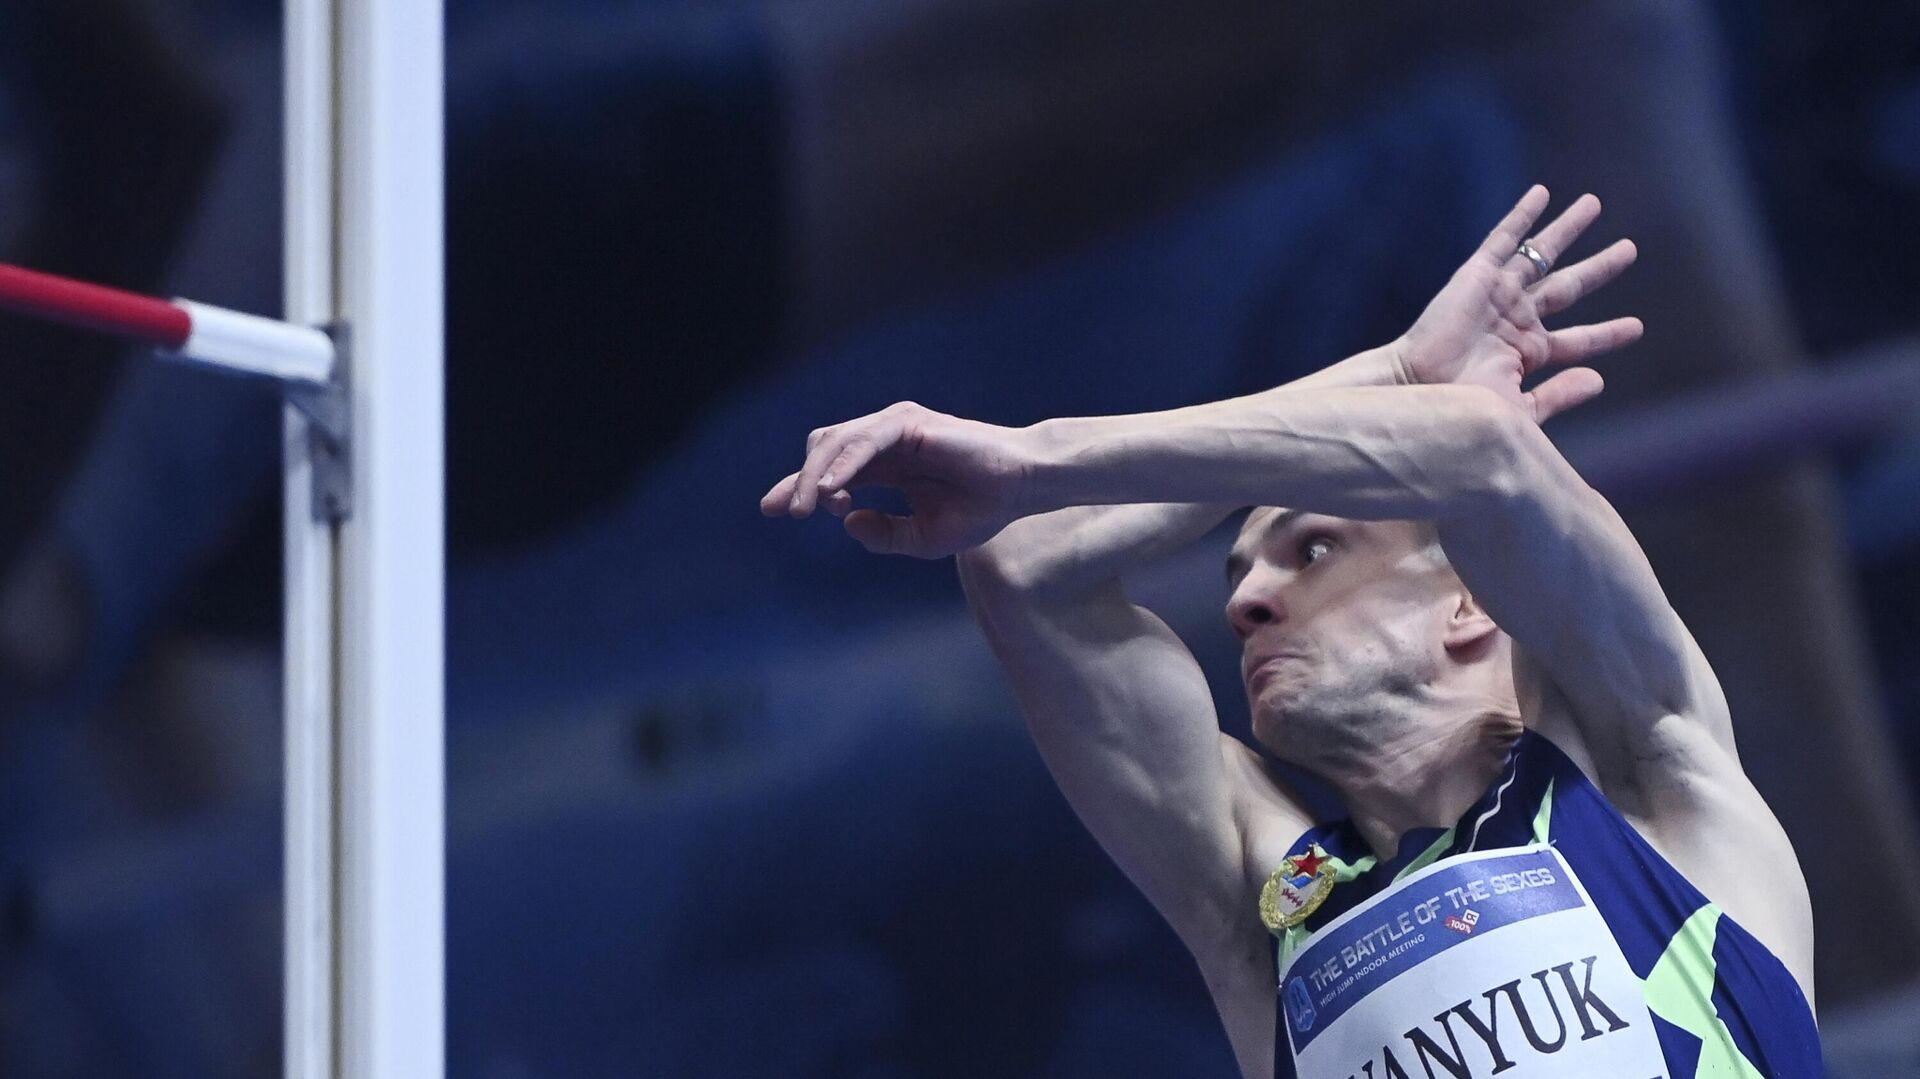 Соревнования по прыжкам в высоту Битва полов - РИА Новости, 1920, 30.07.2021